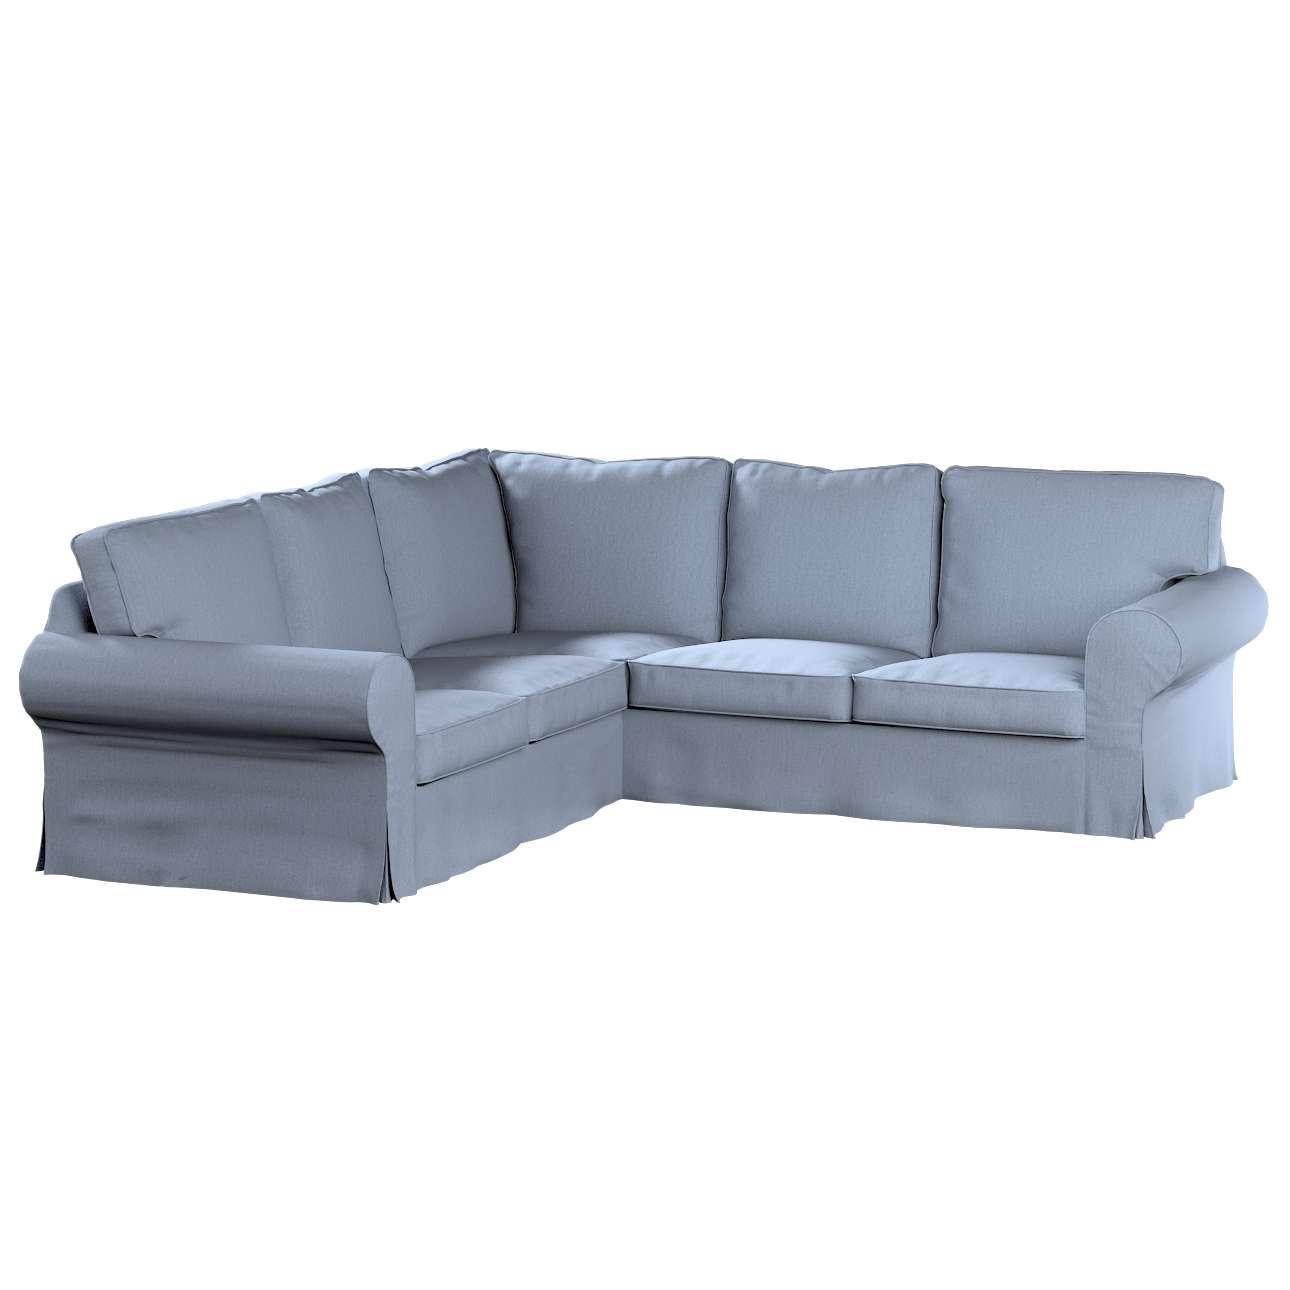 Pokrowiec Ektorp na sofę narożną w kolekcji Chenille, tkanina: 702-13